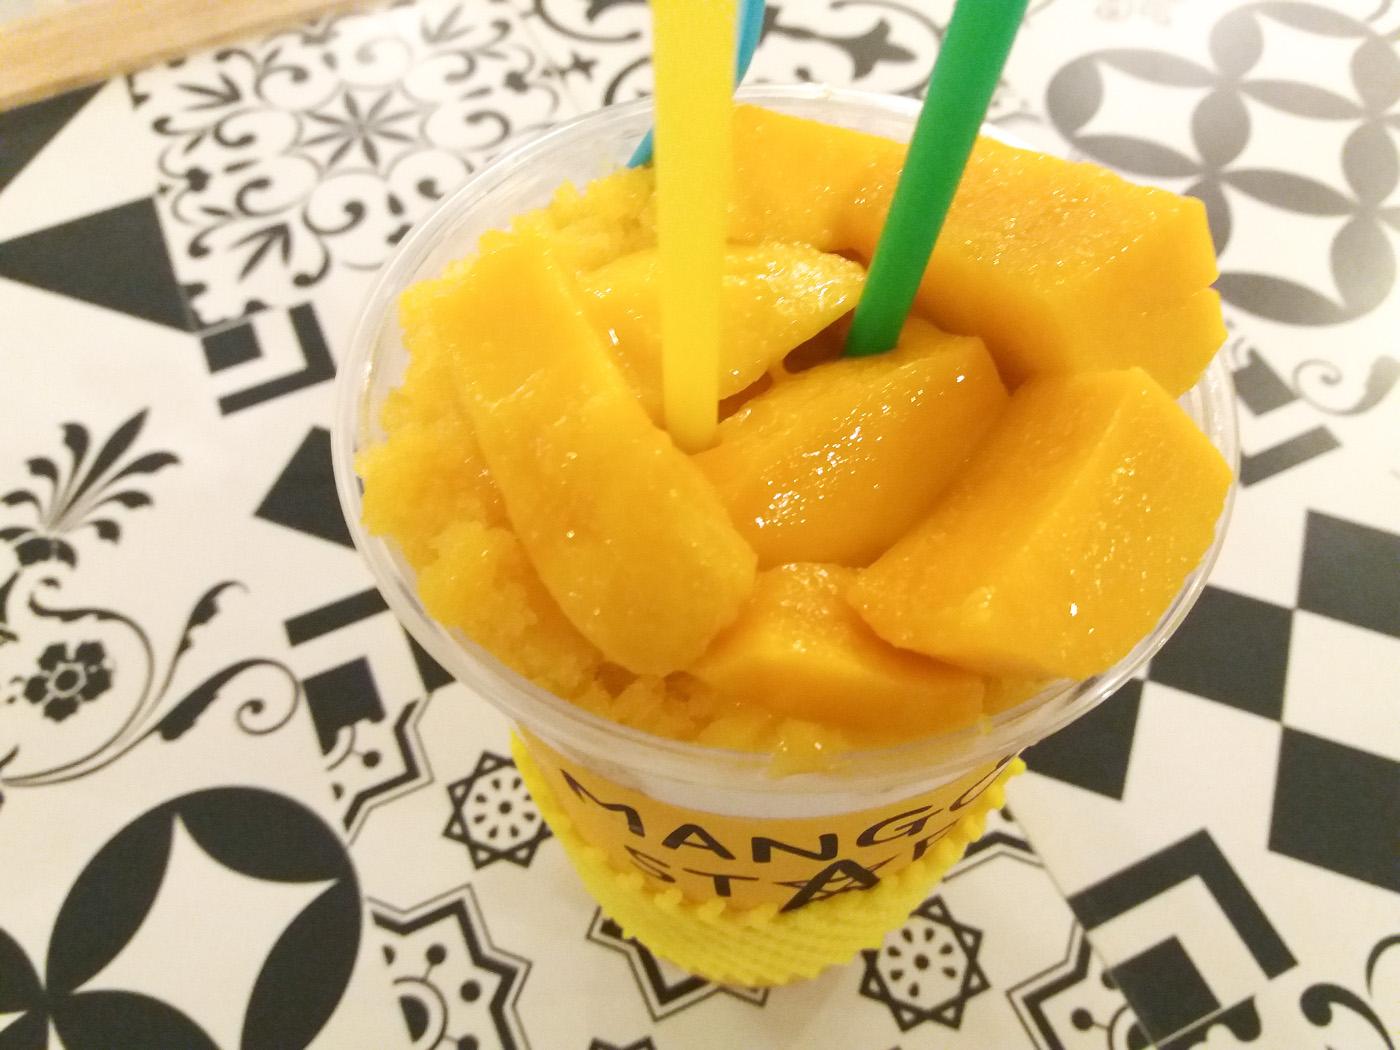 マンゴースターのマンゴーシェイクのマンゴー